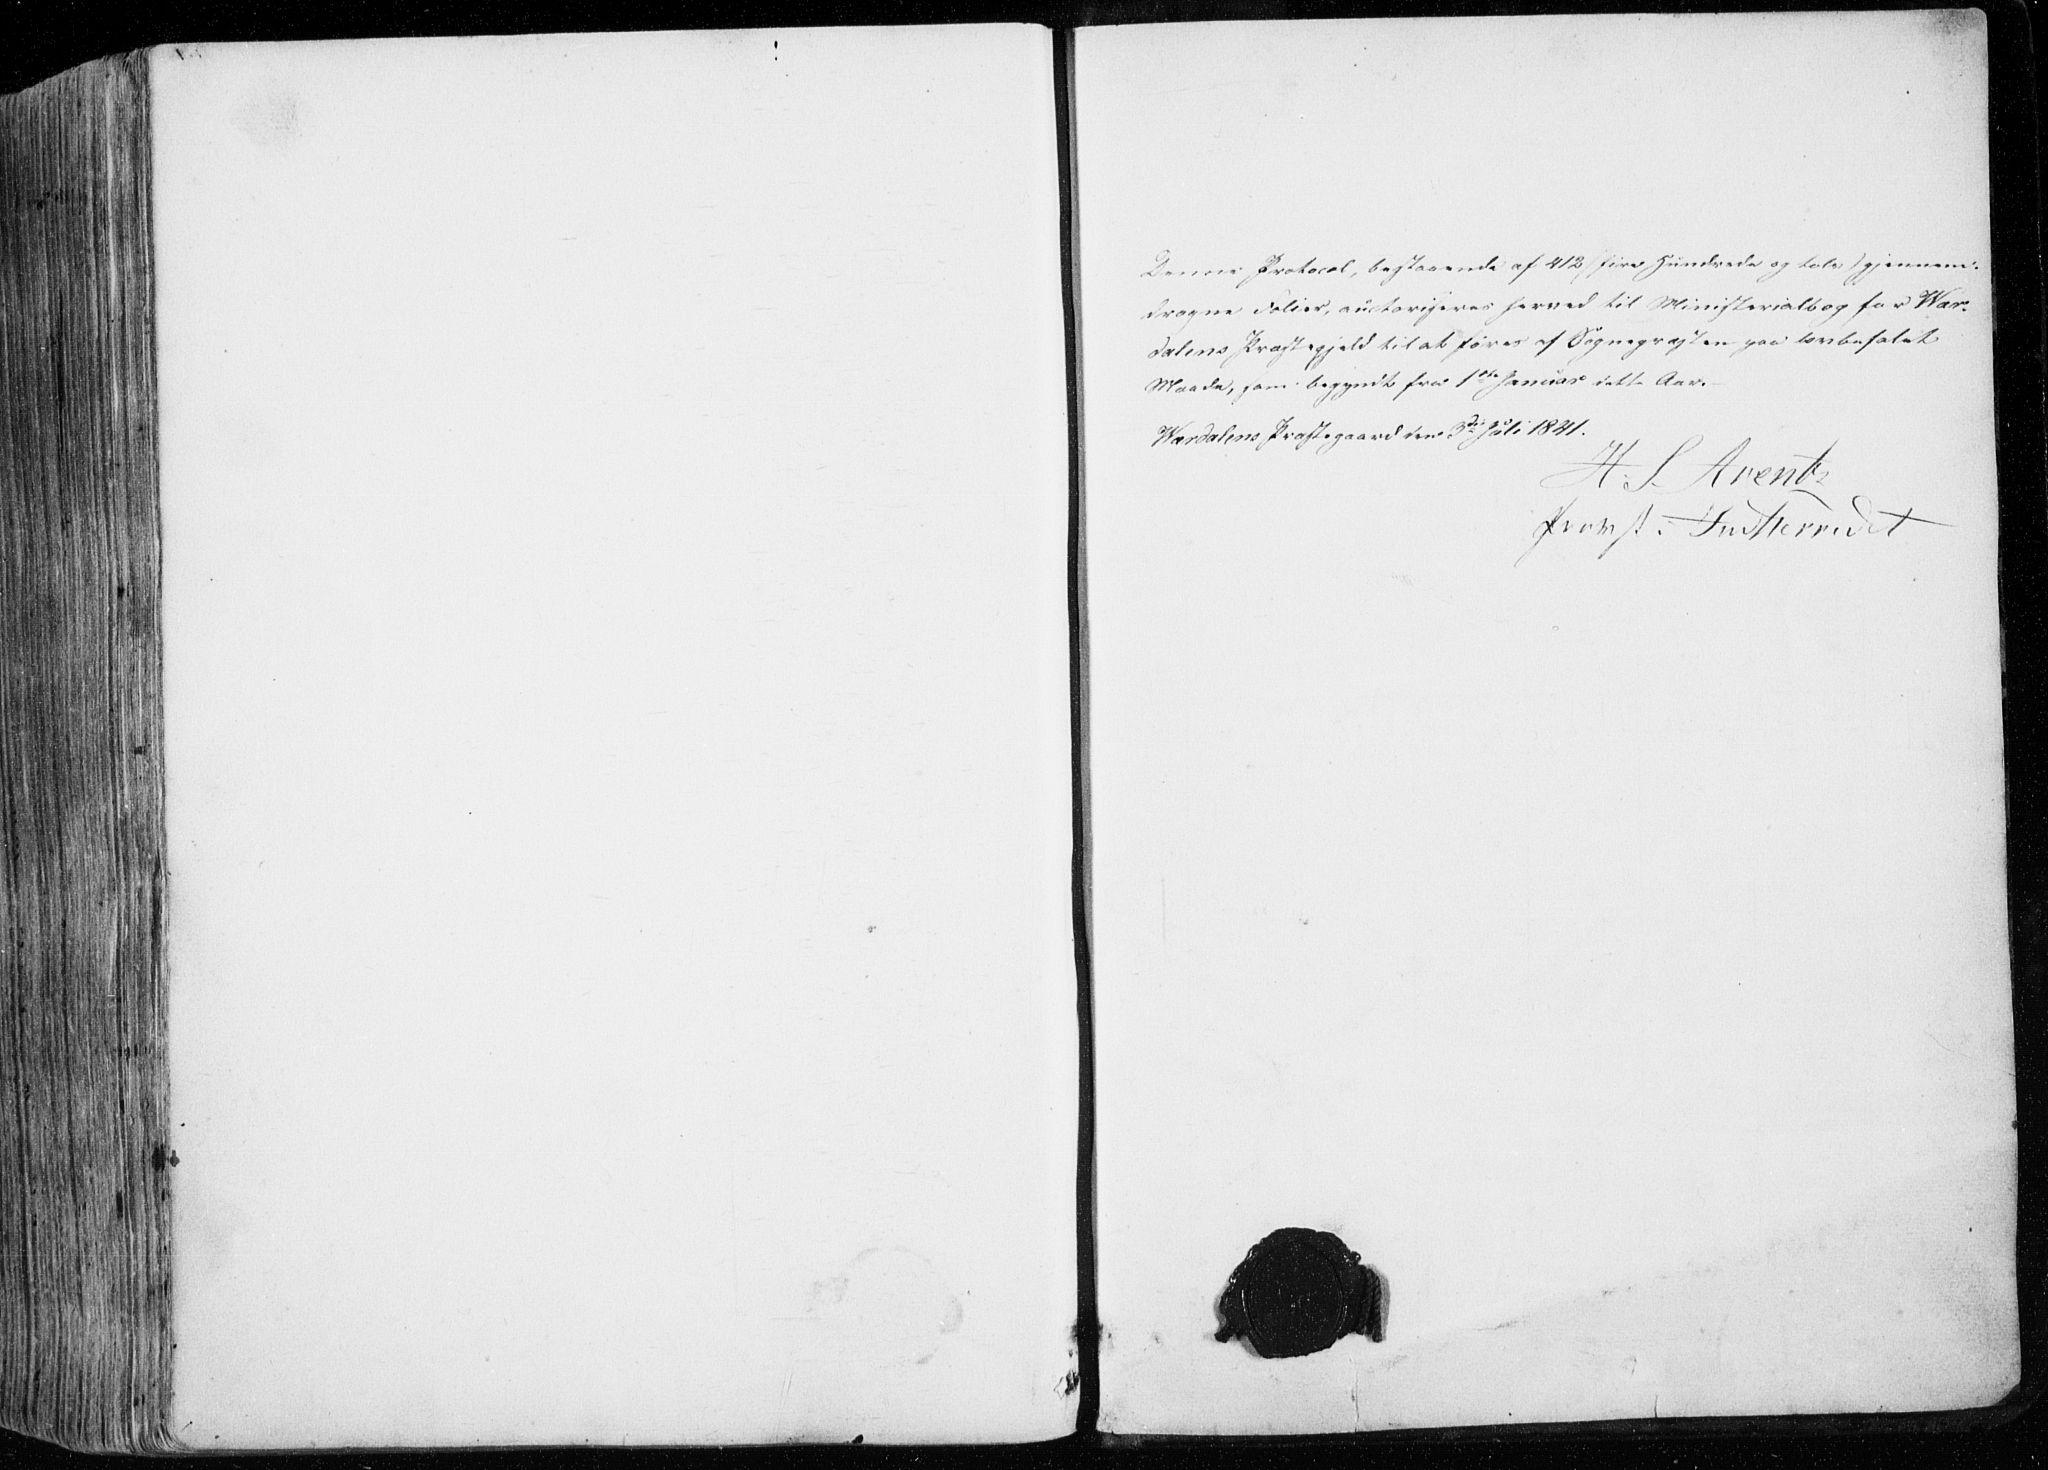 SAT, Ministerialprotokoller, klokkerbøker og fødselsregistre - Nord-Trøndelag, 723/L0239: Ministerialbok nr. 723A08, 1841-1851